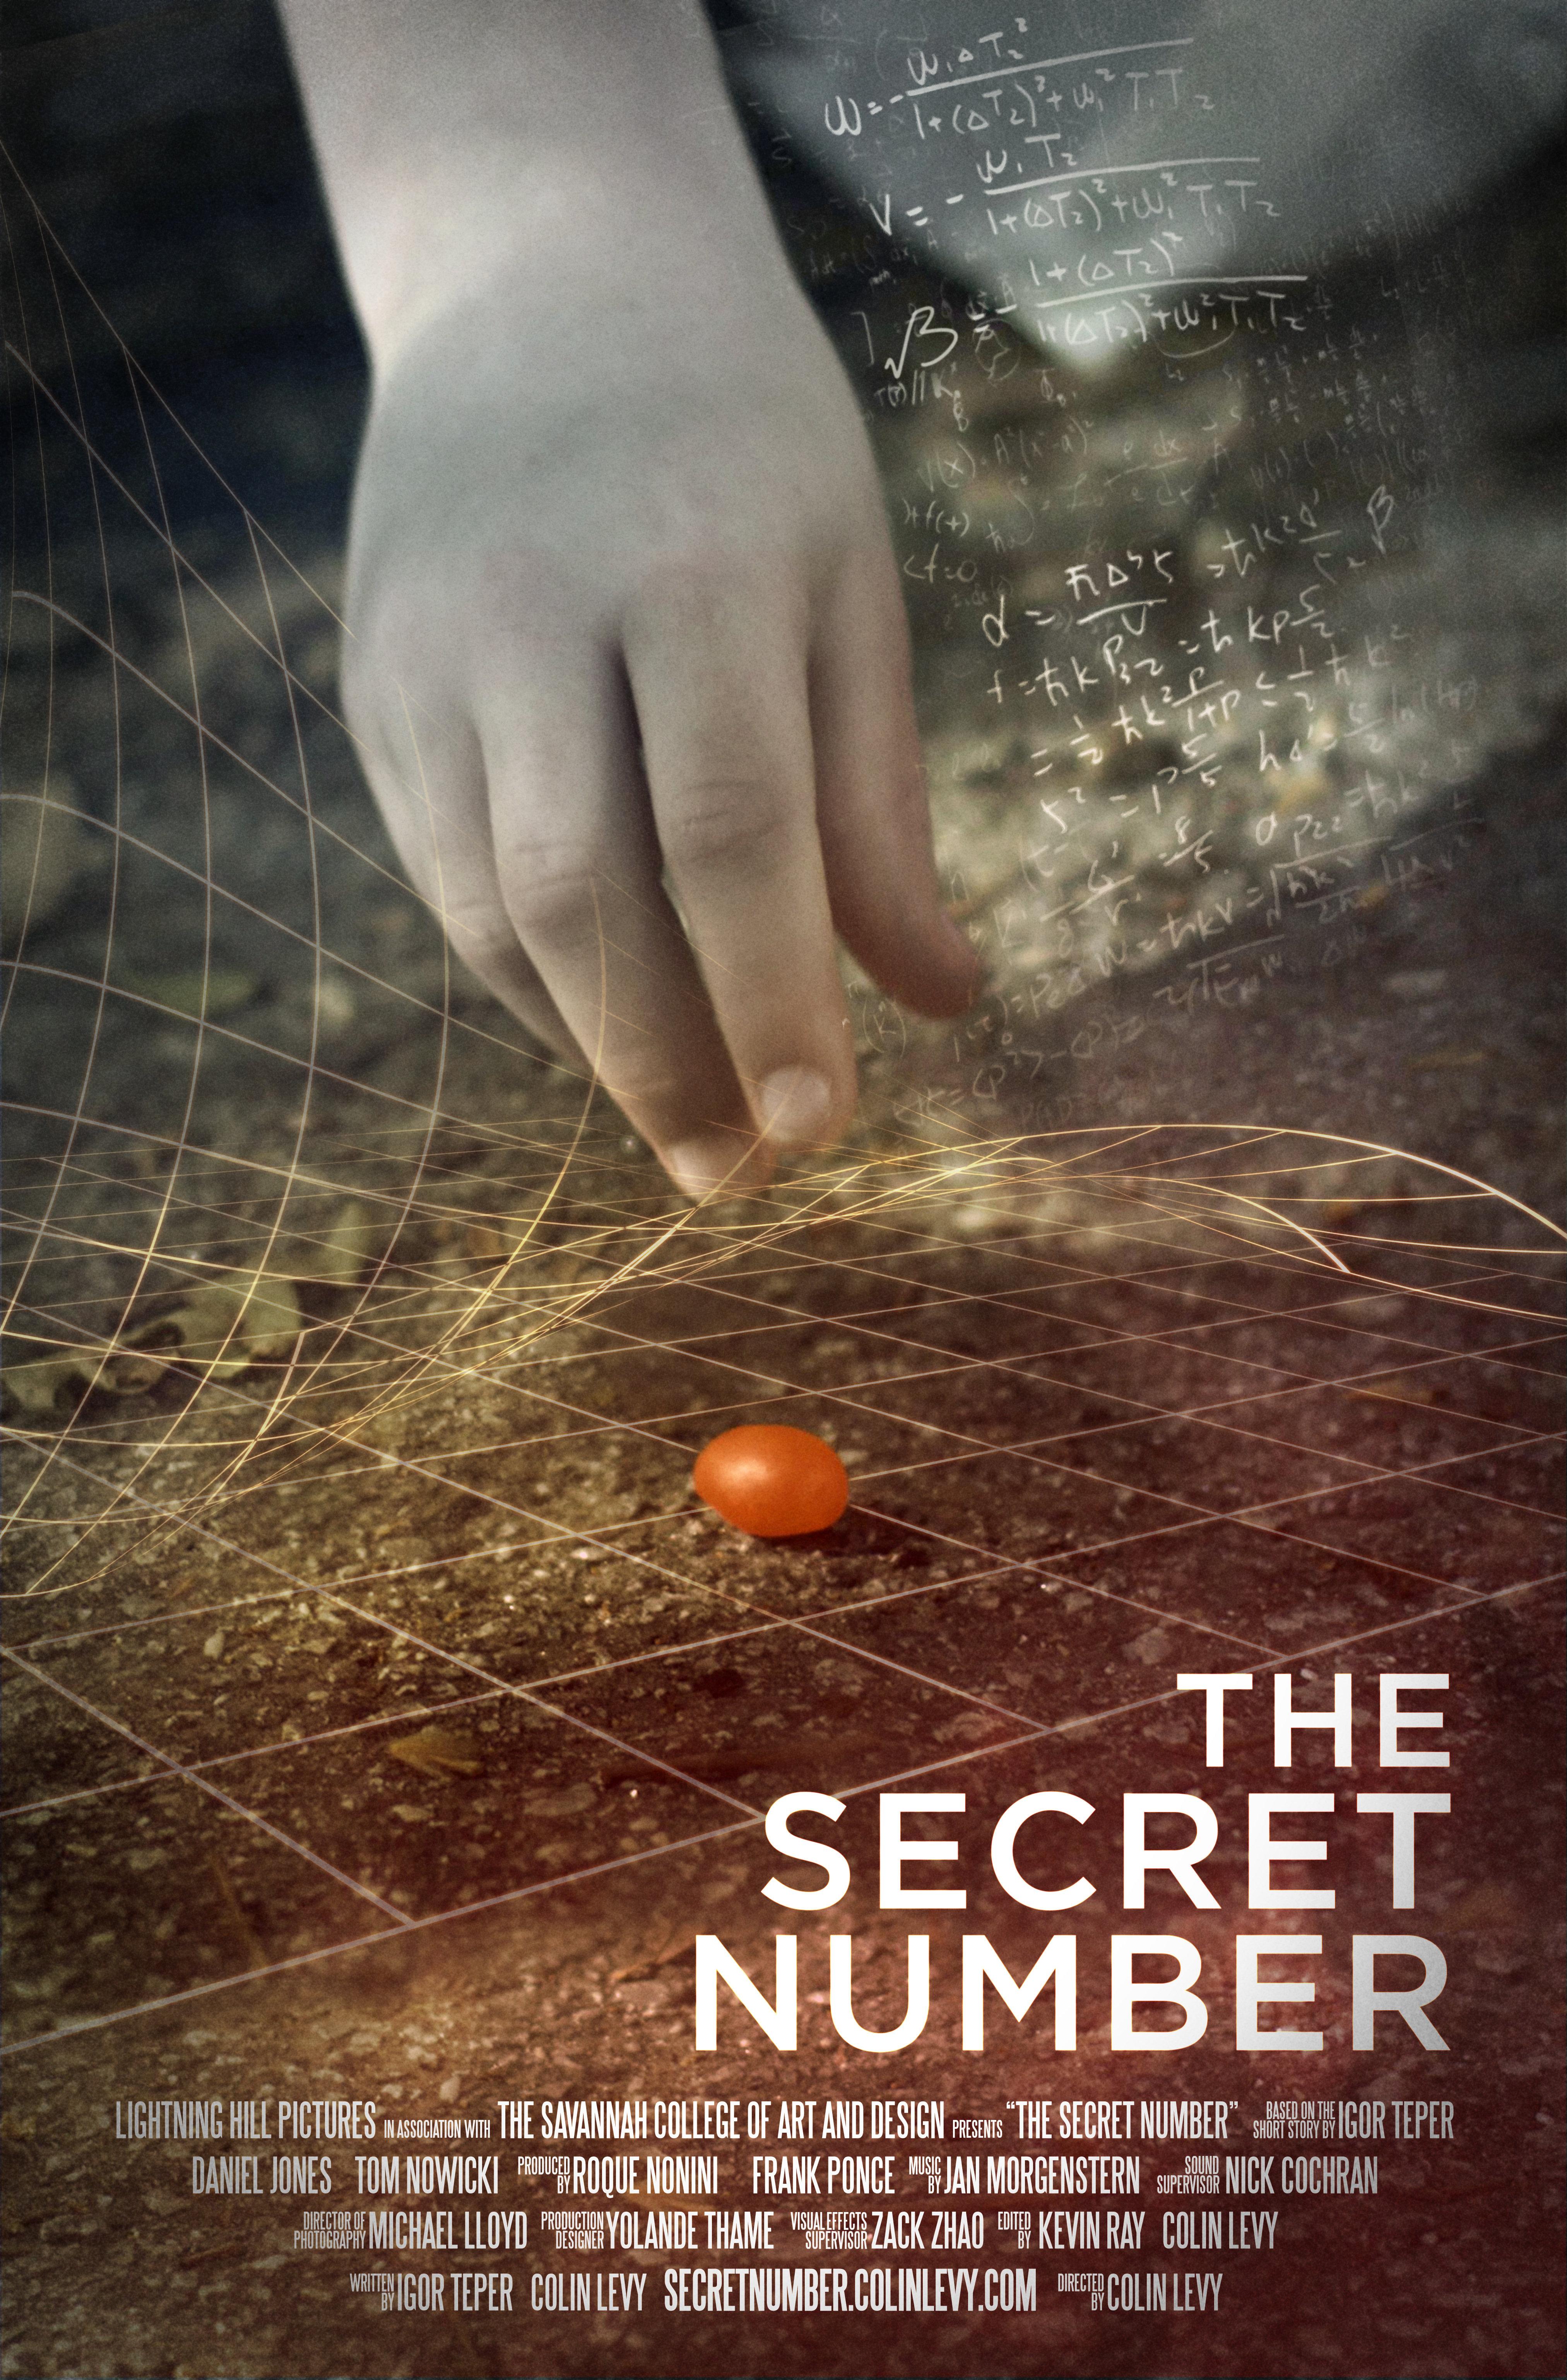 دانلود زیرنویس فارسی فیلم The Secret Number